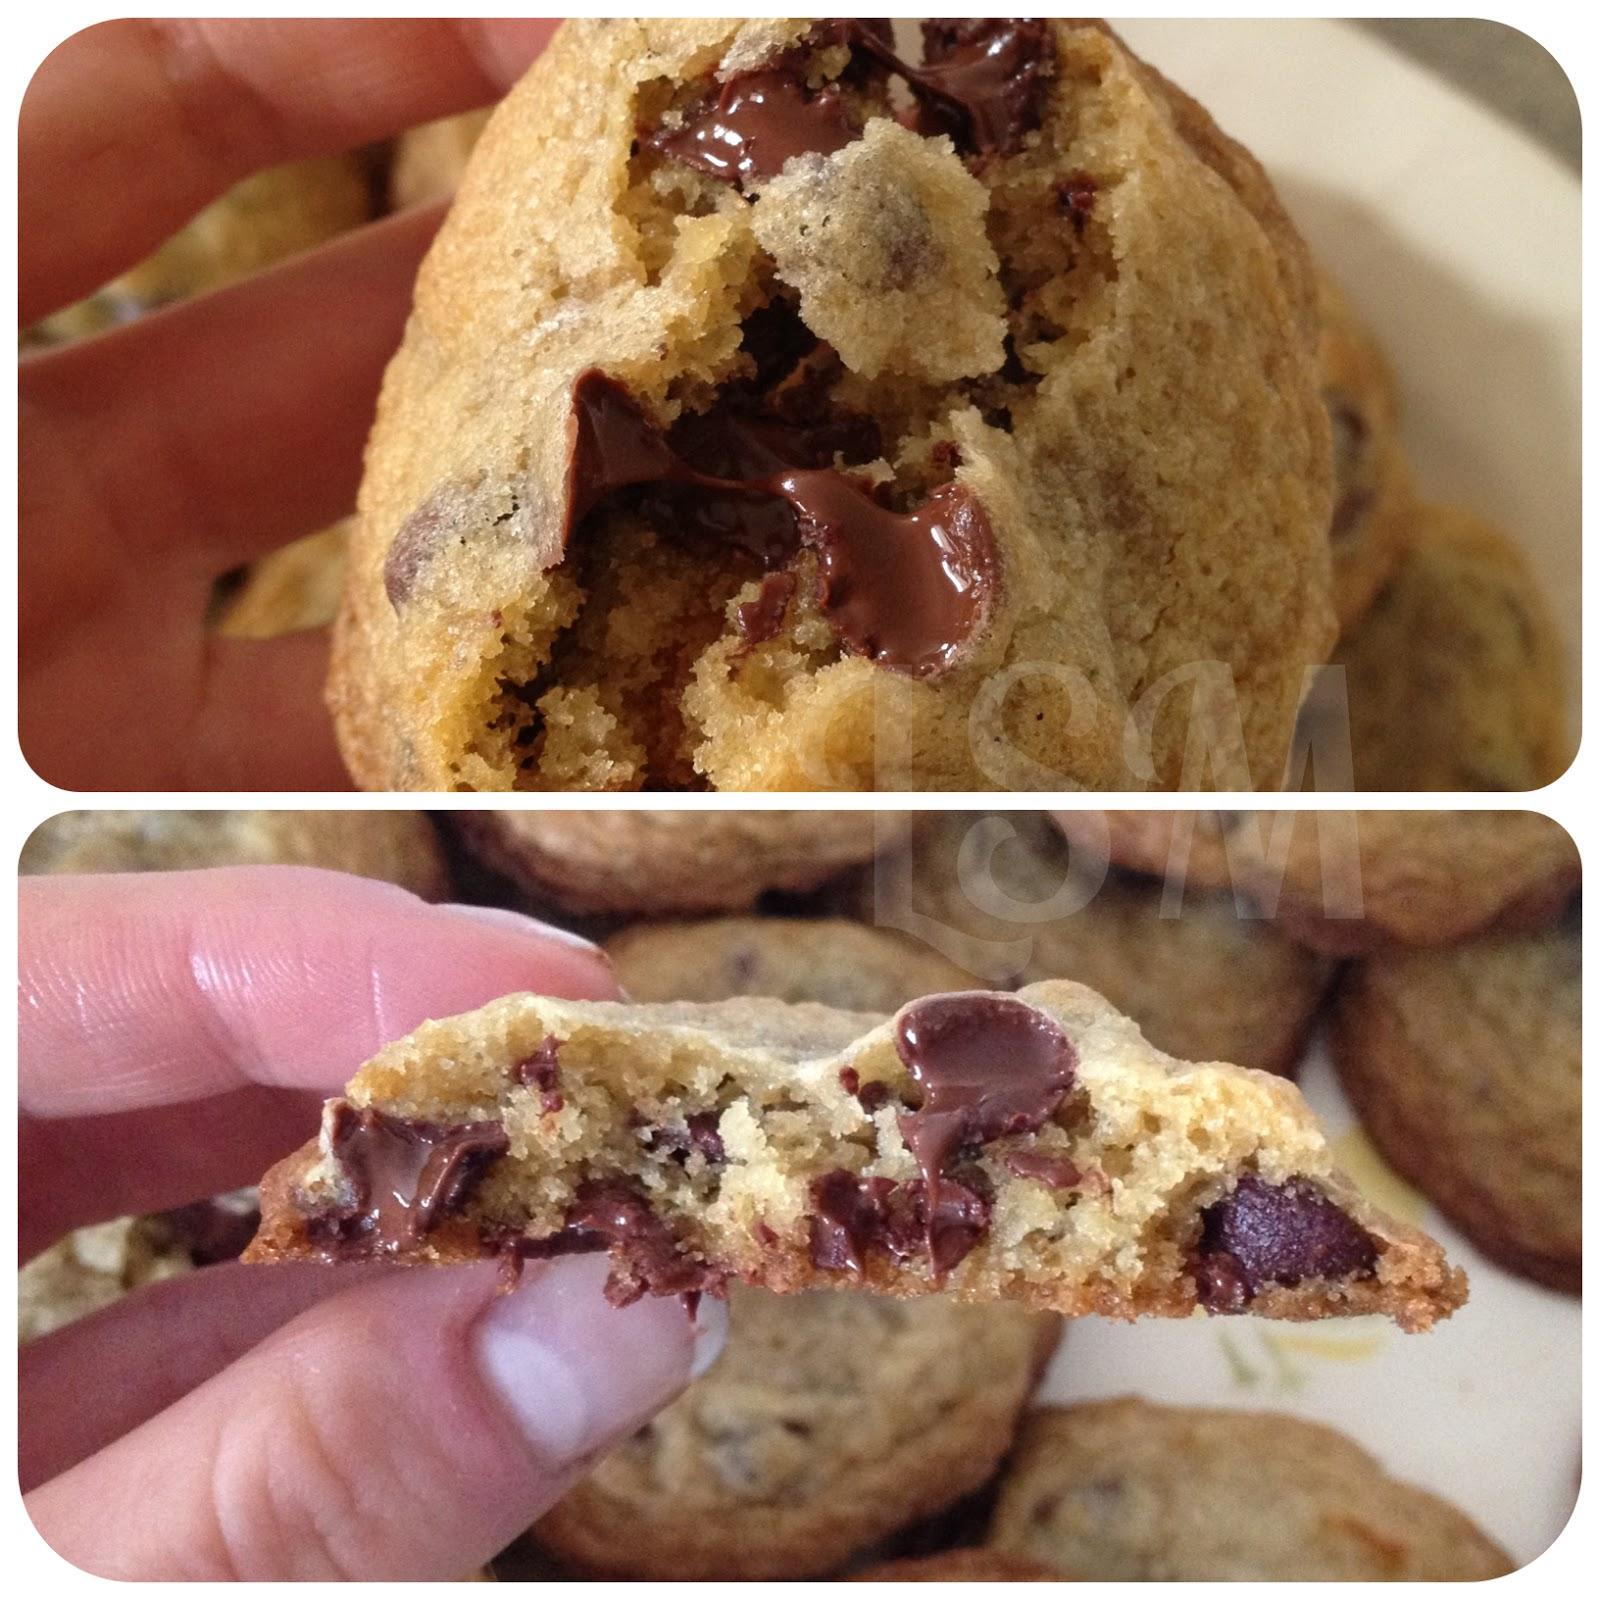 ... : My Long Easter Weekend plus Mrs. Wakefield's Chocolate Chip Cookies